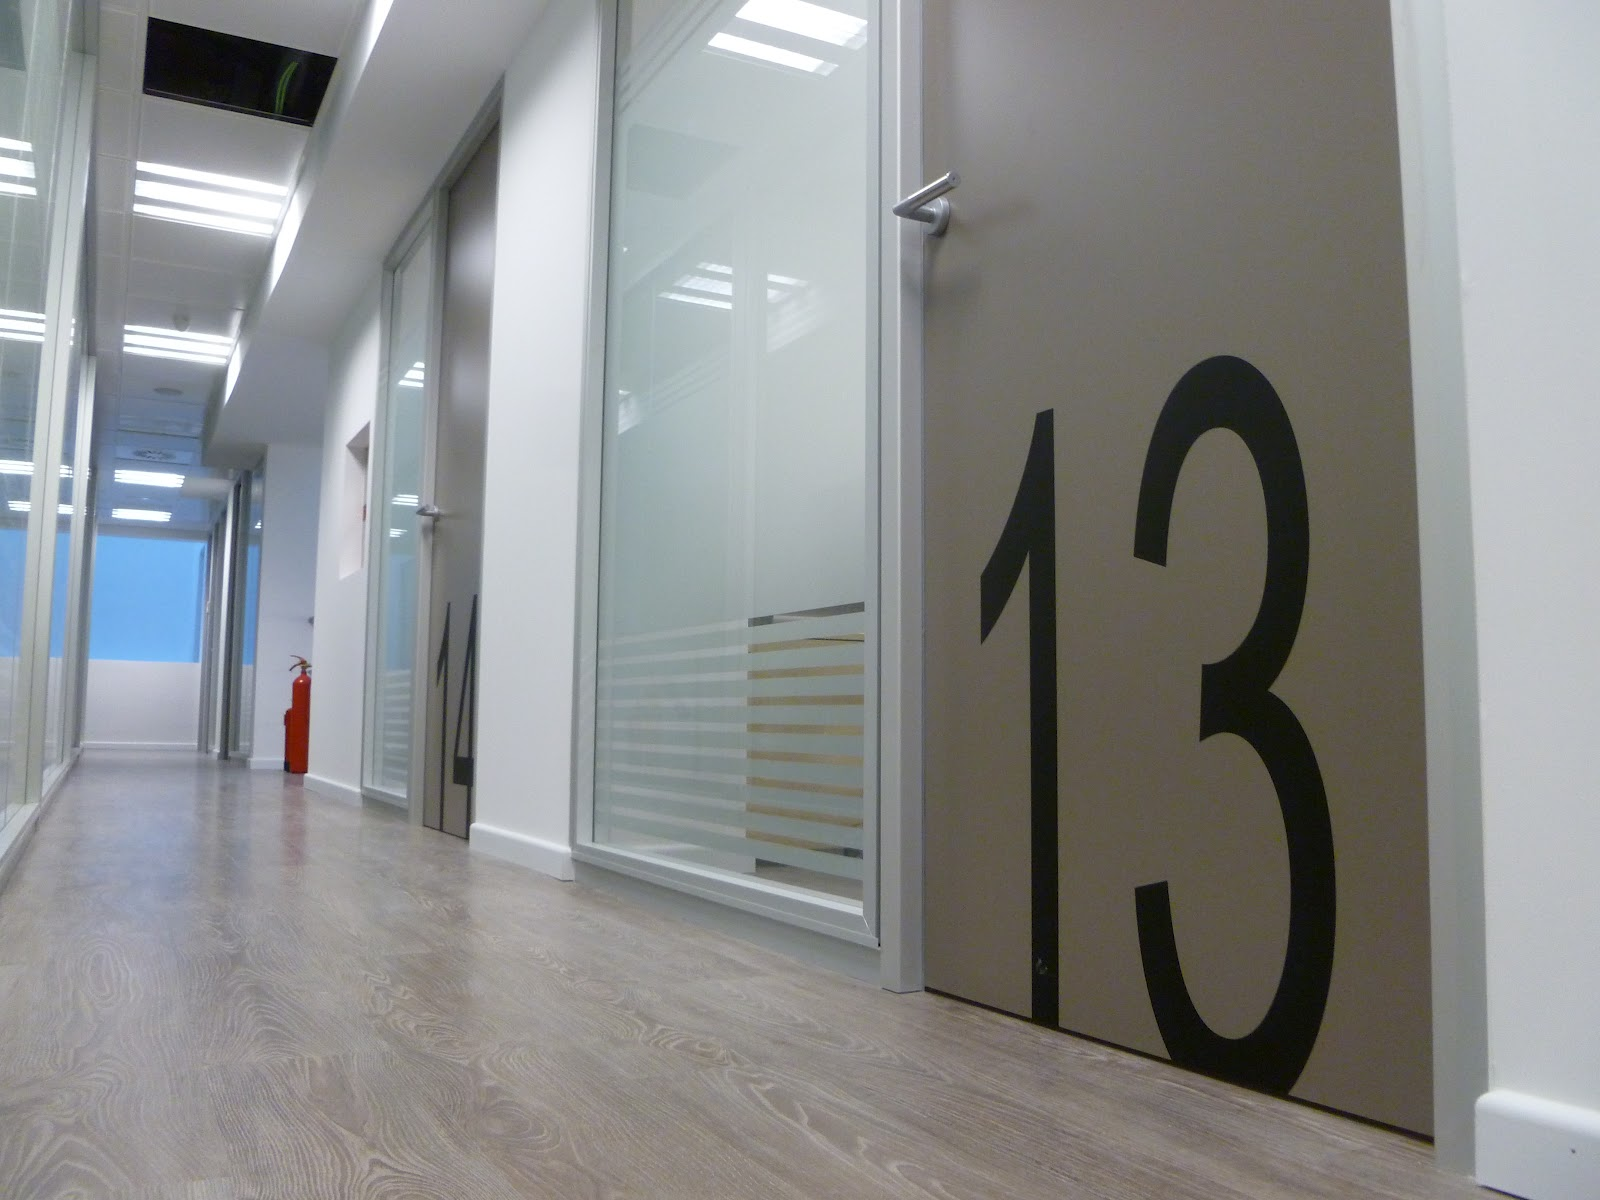 Centro de negocios josep tarradellas - Puertas con vinilo ...